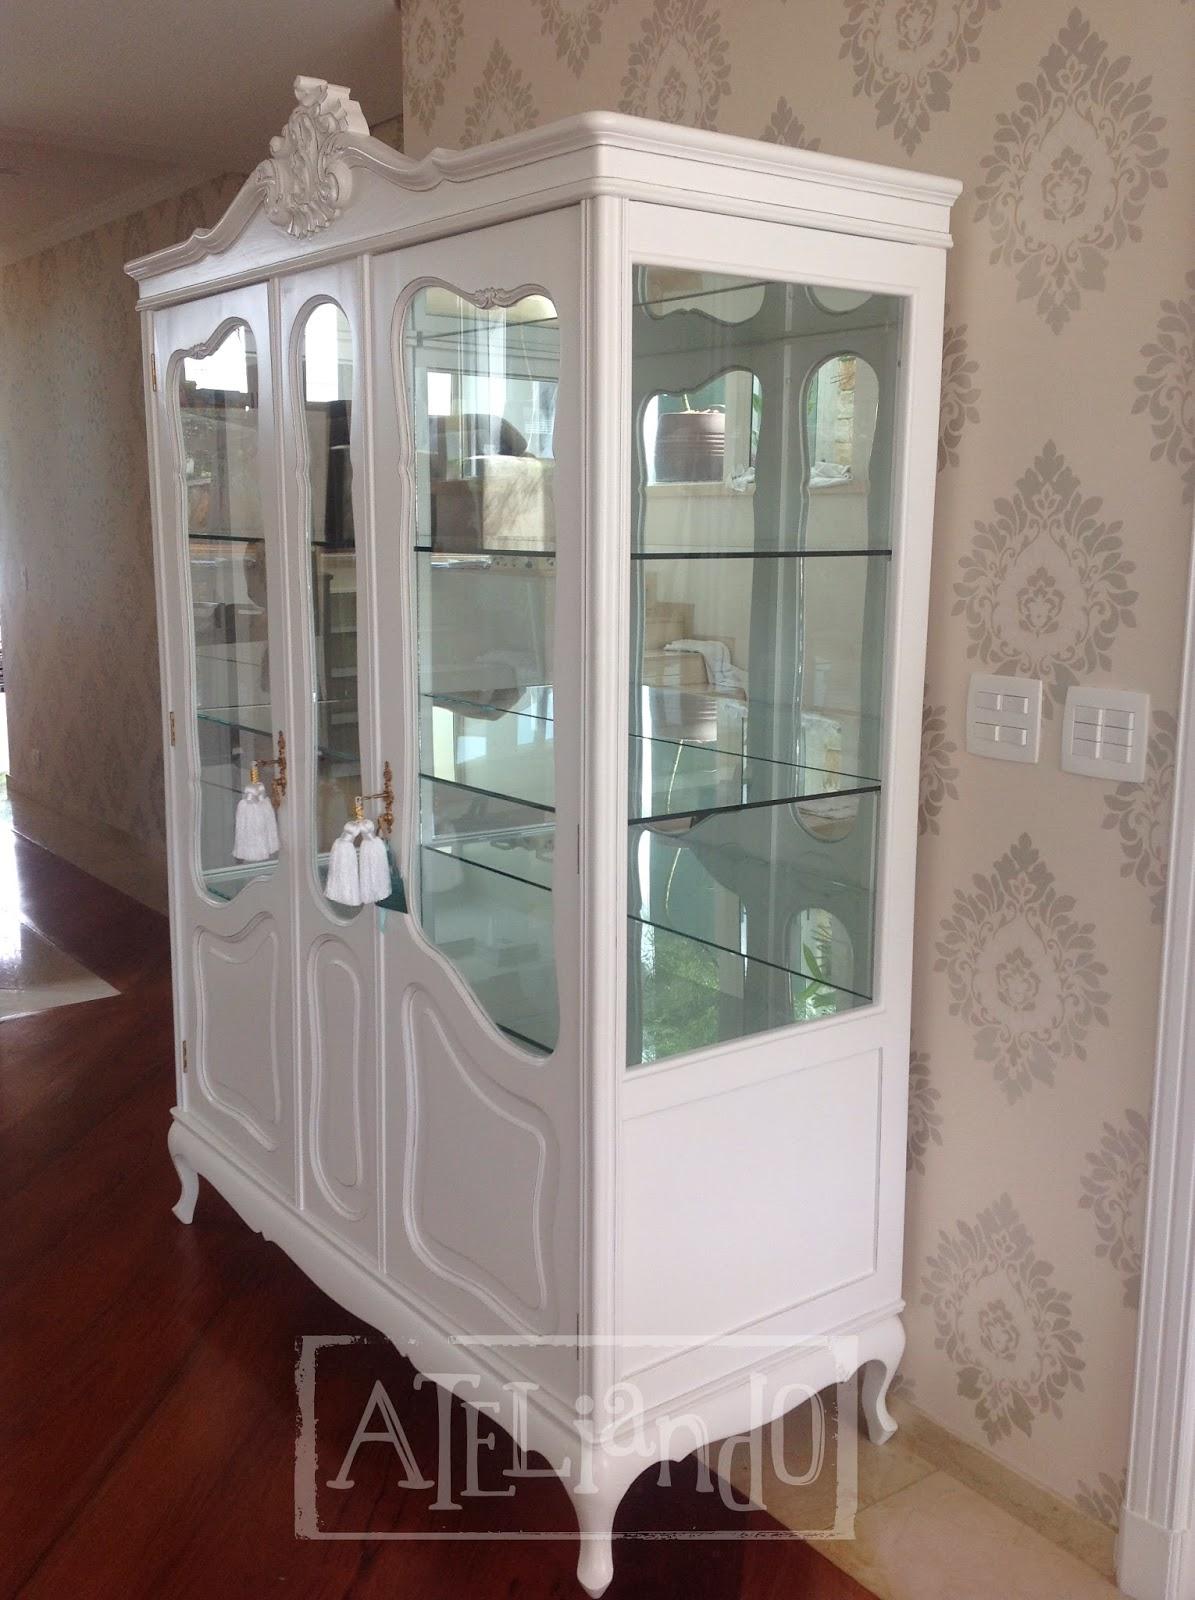 Ateliando Customização de móveis antigos: Guarda Roupa Antigo  #3B1A16 1195x1600